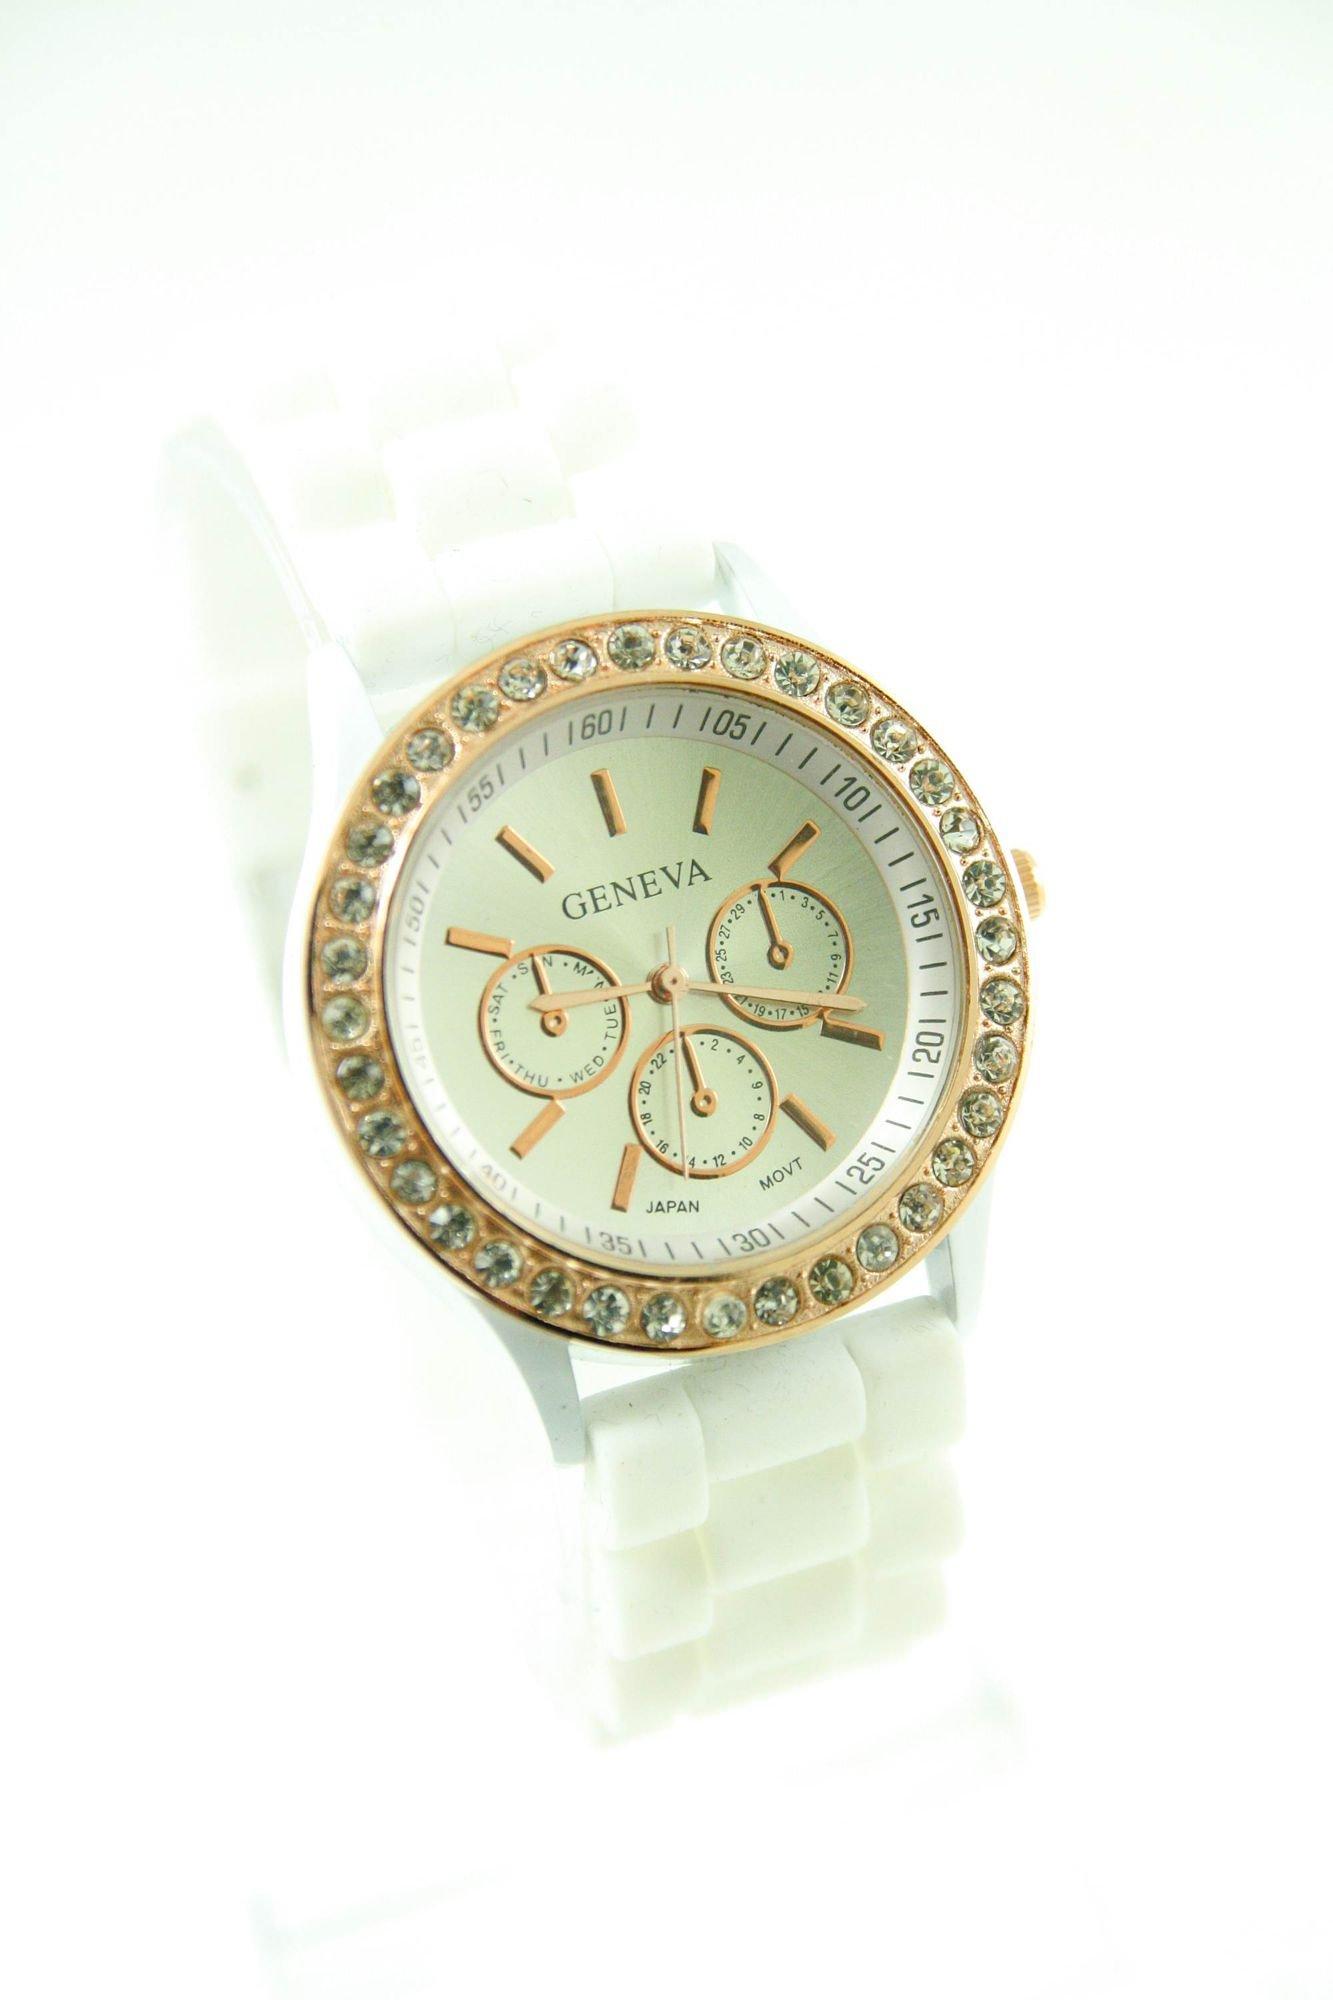 GENEVA Biały zegarek damski z cyrkoniami na silikonowym pasku                                  zdj.                                  1